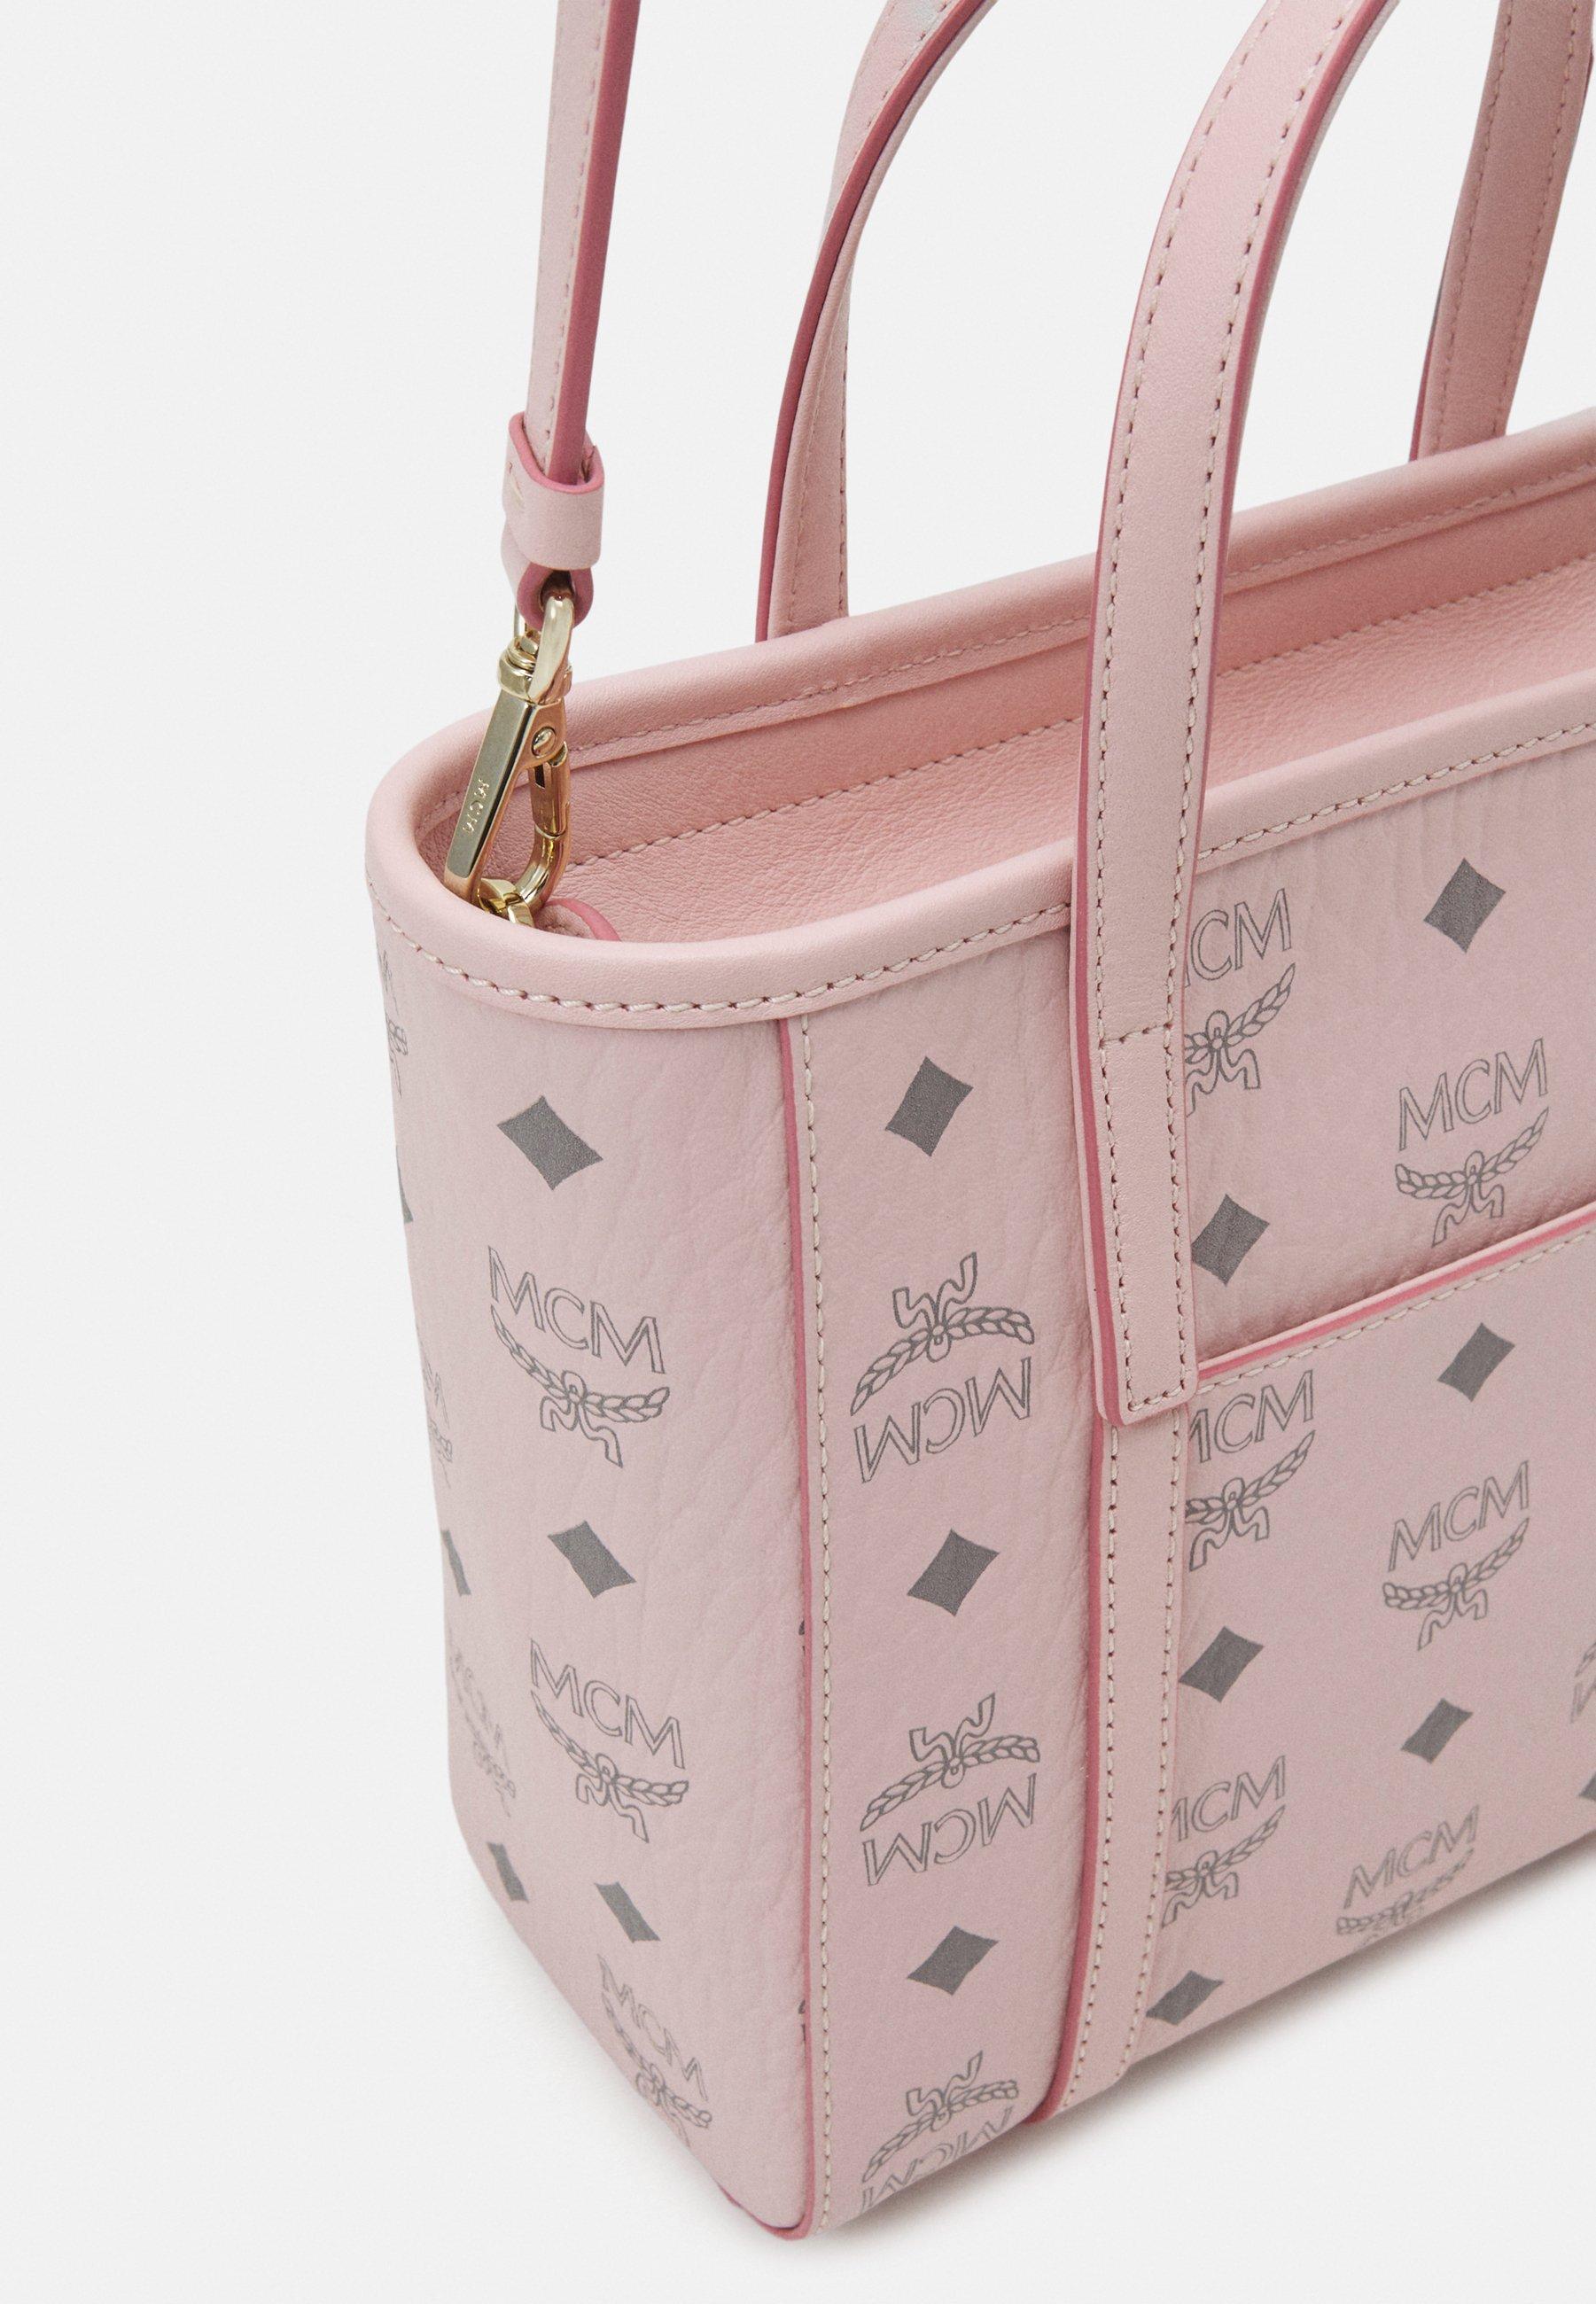 Mcm Toni Visetos - Handtasche Powder Pink/pink